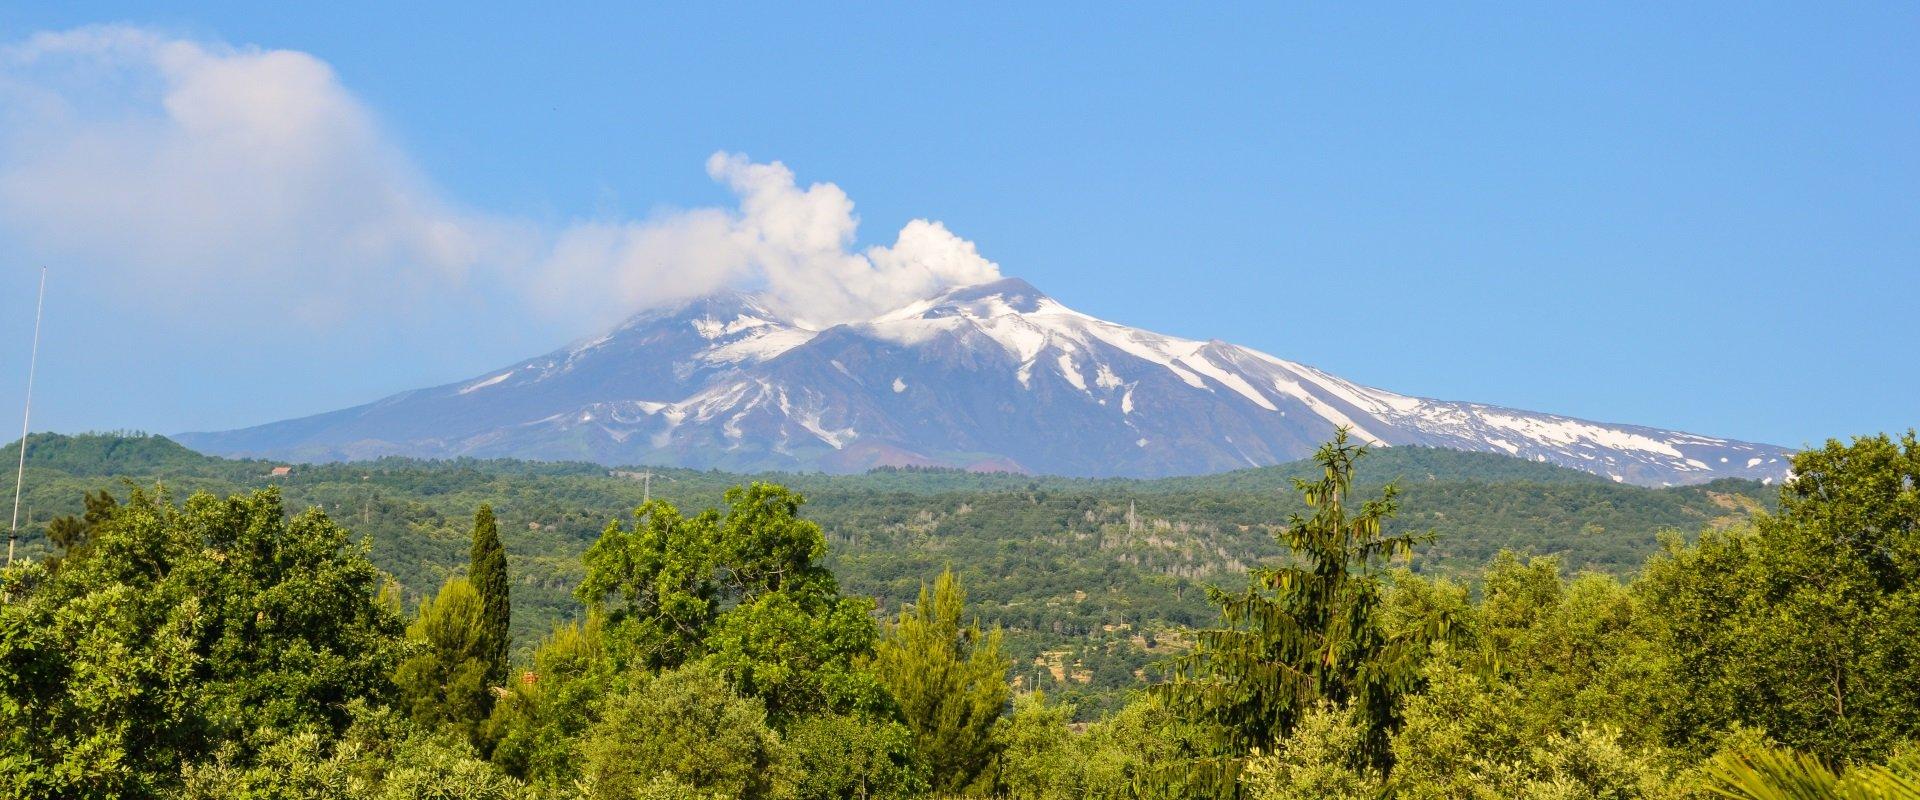 etna-sicilië-vulkaan-oost.jpg